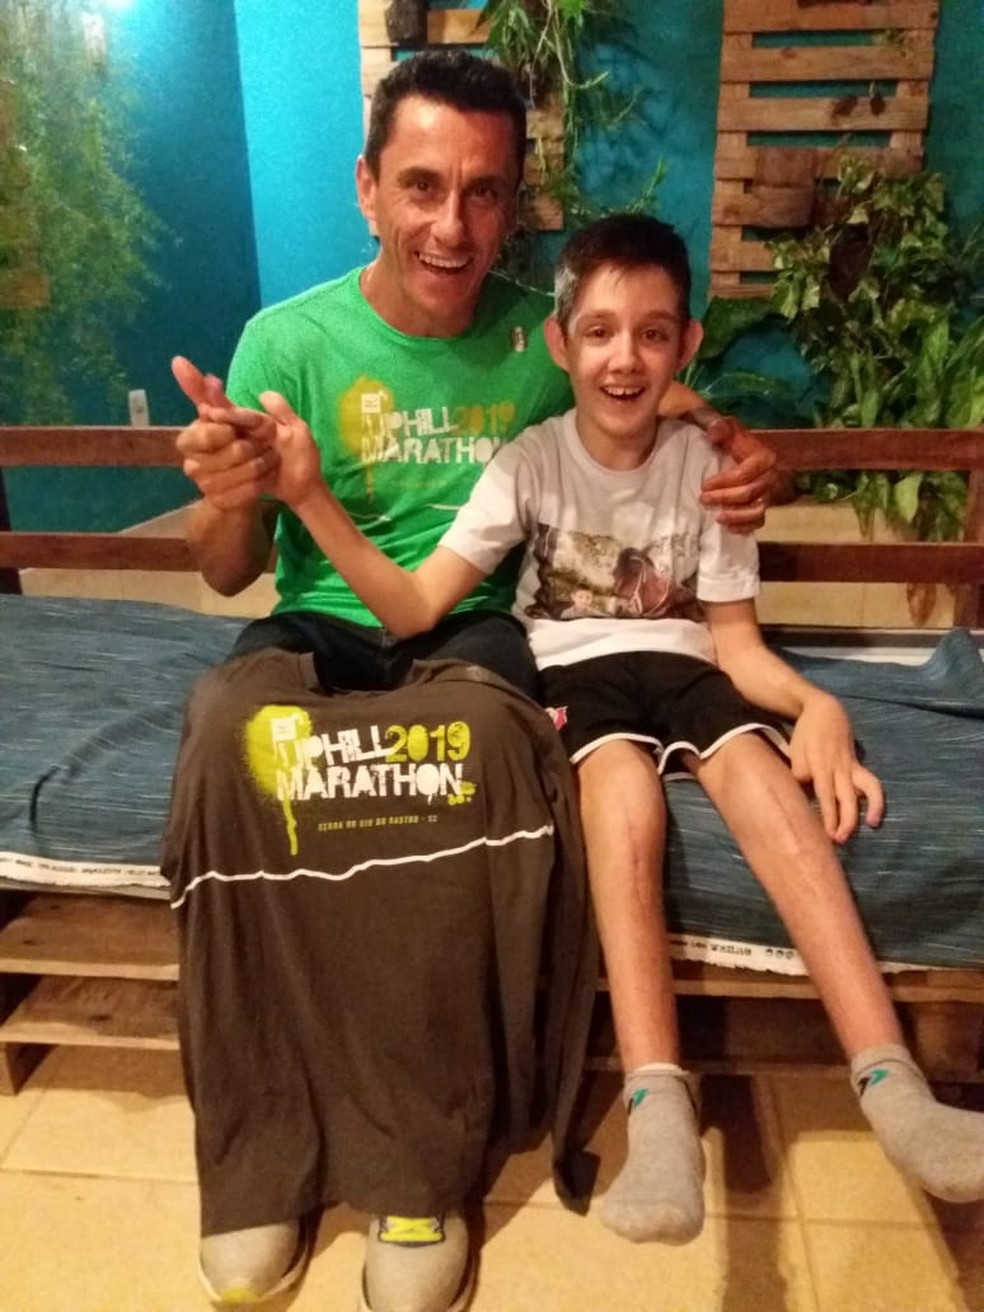 Cleiton e Jonas vão correr após serem sorteados para participar da prova — Foto: Divulgação Mizuno Uphill Marathon